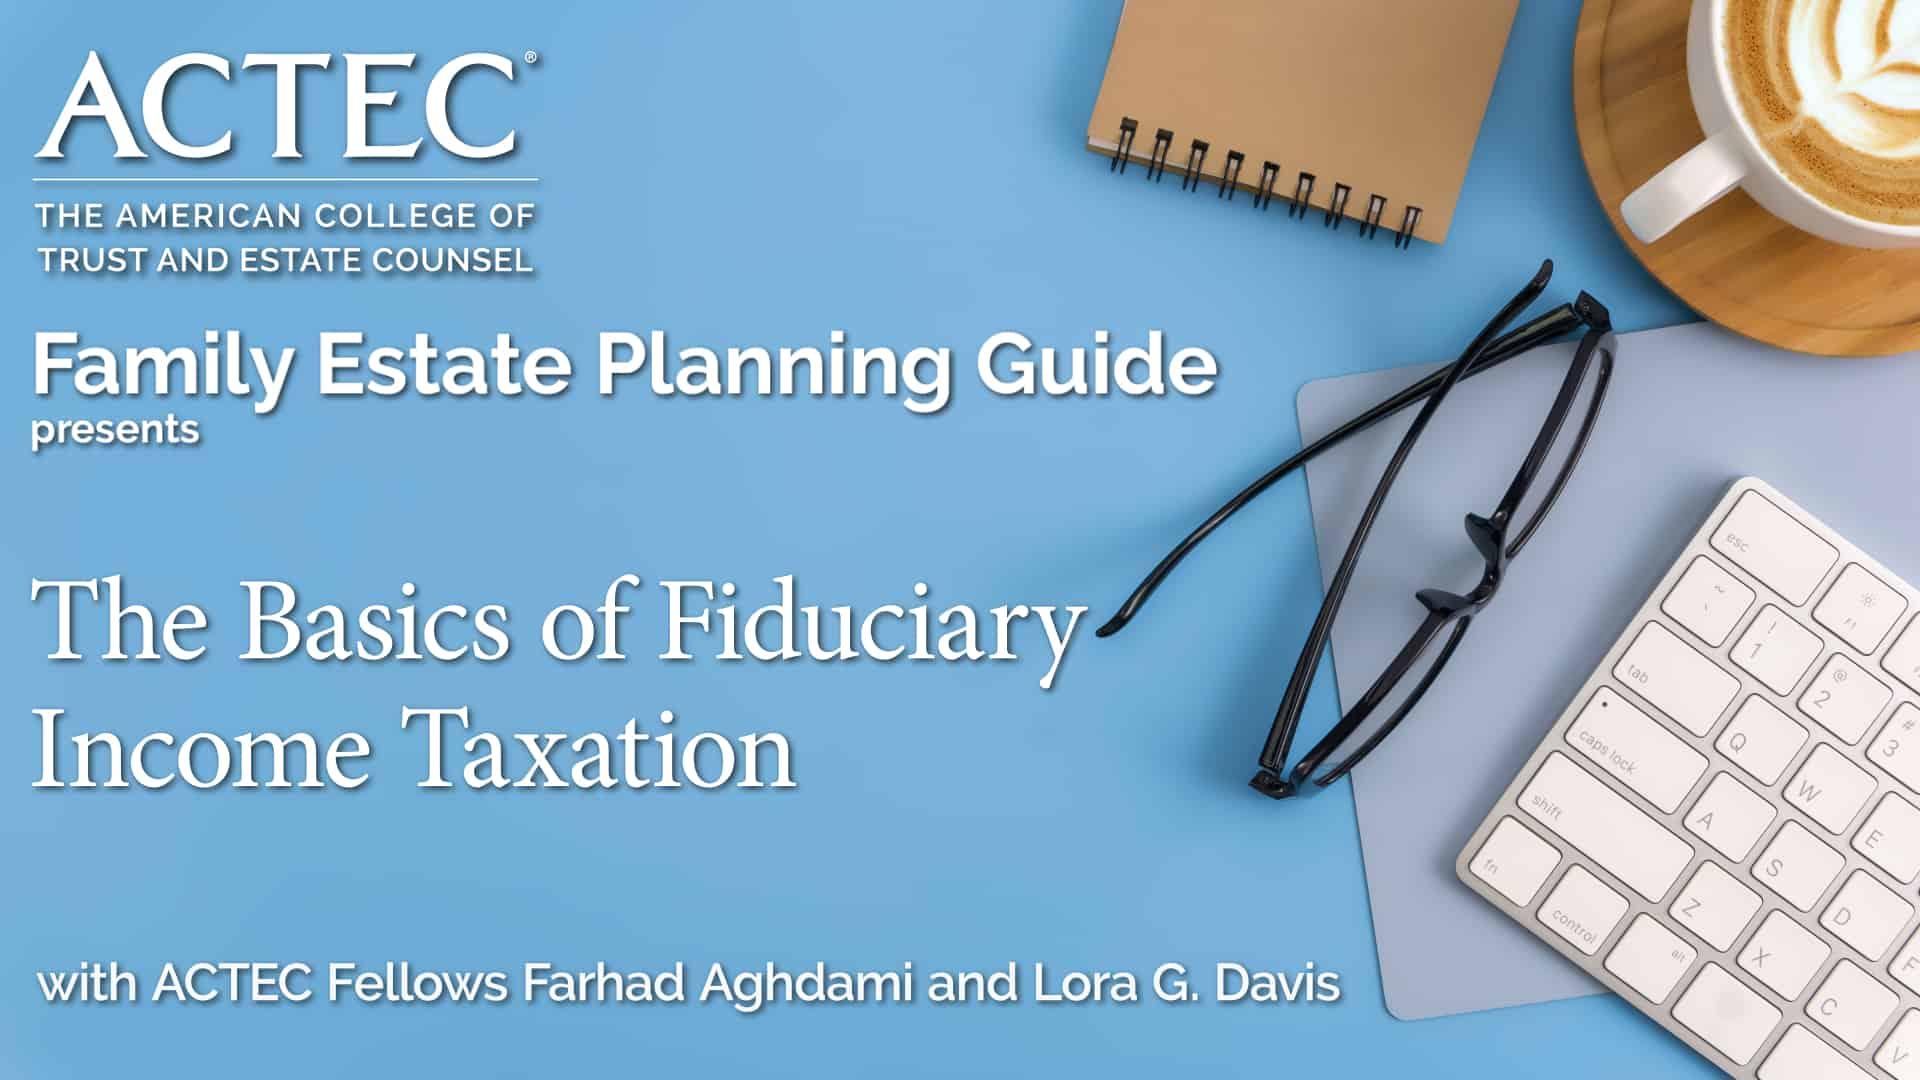 The Basics of Fiduciary Income Taxation